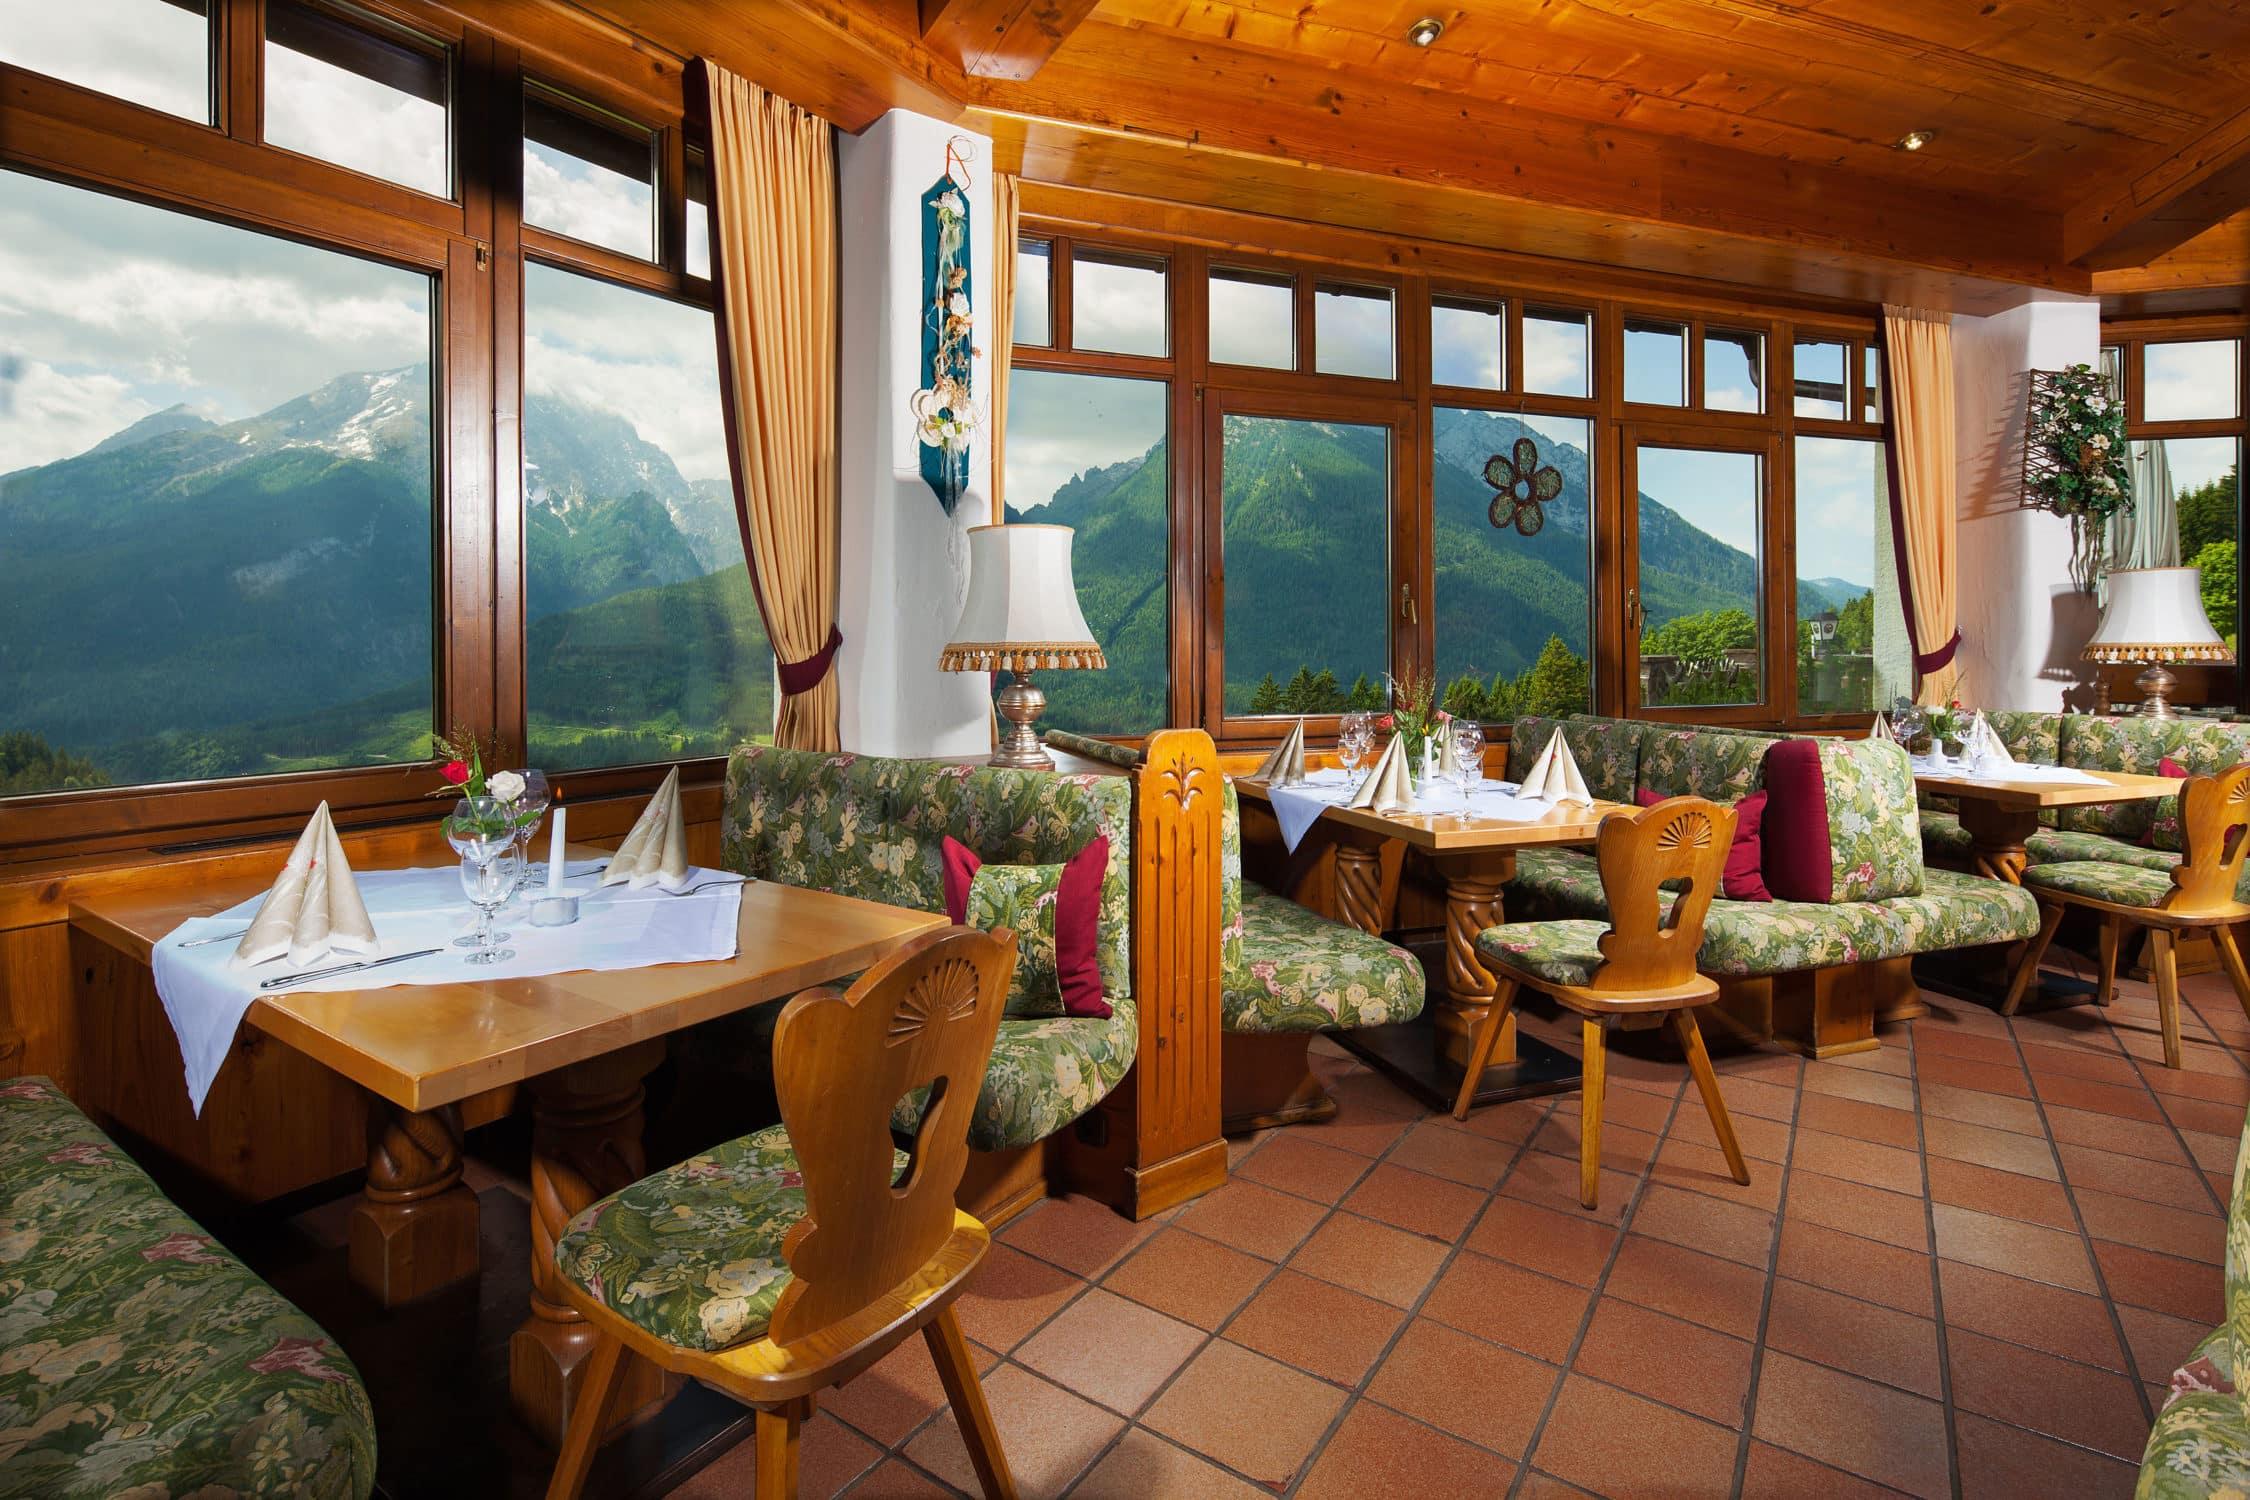 Panoramarestaurant Hotel Gasthof Nutzkaser mit Ausblick auf die Berchtesgadener Alpen